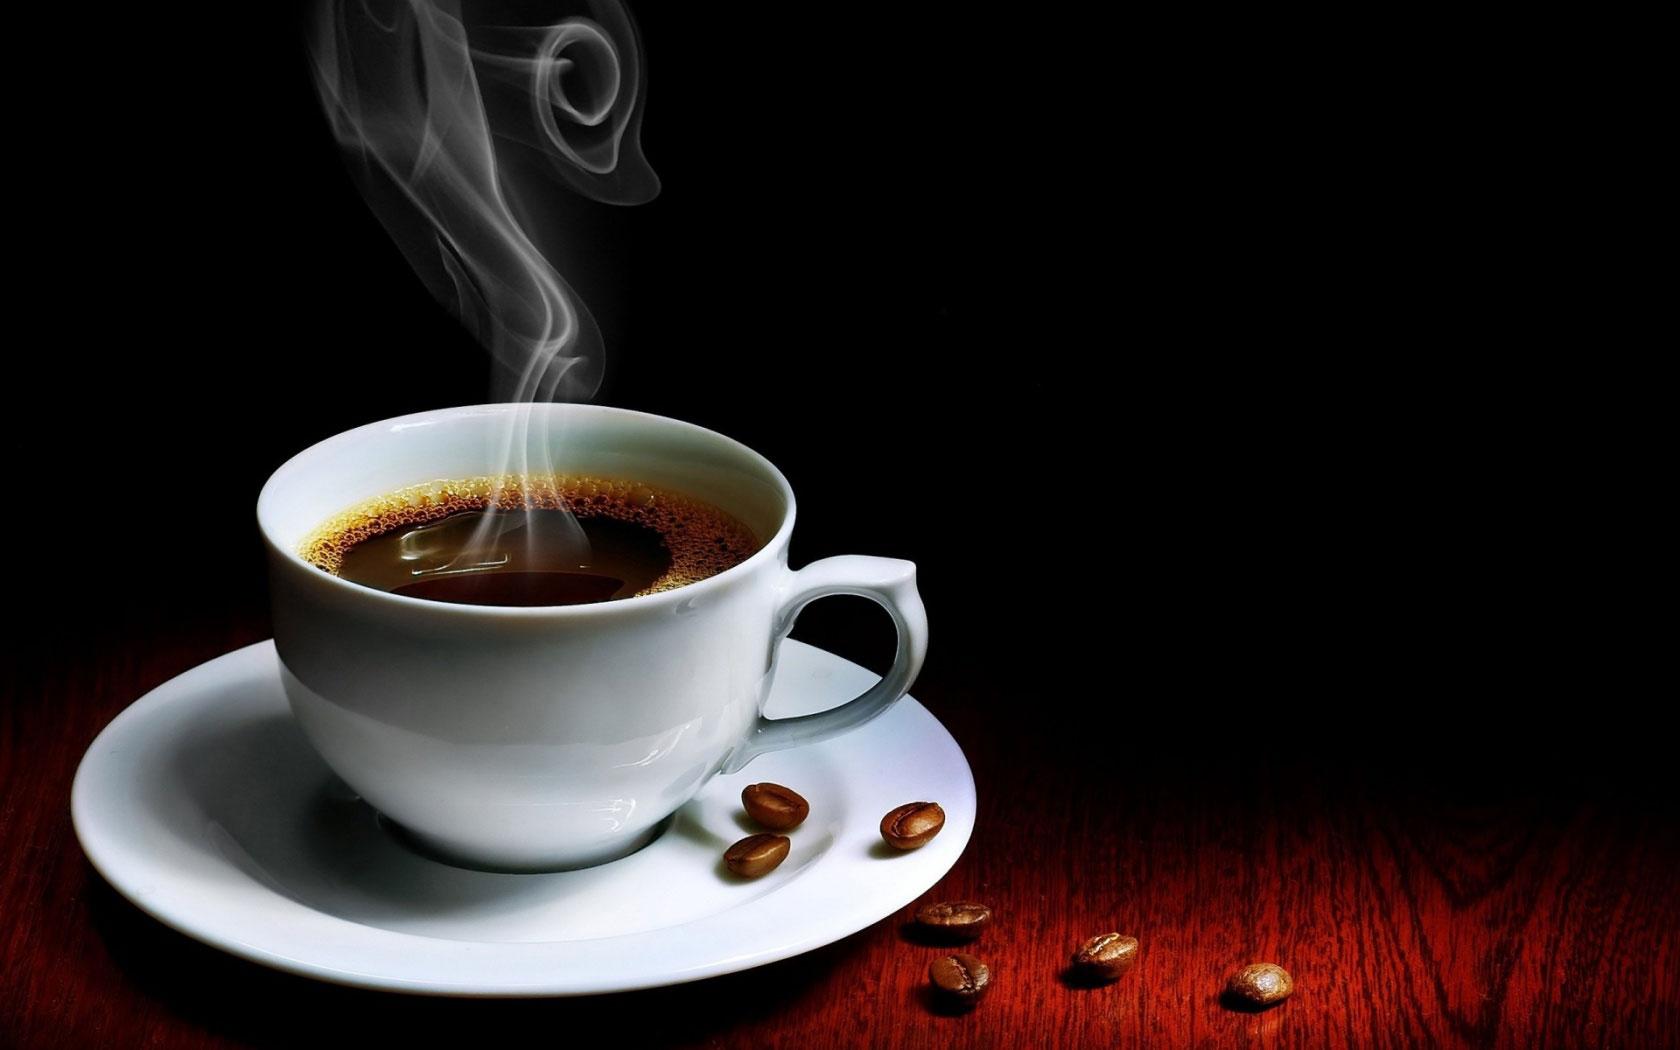 Cà phê nguyên chất không có màu đen sậm.